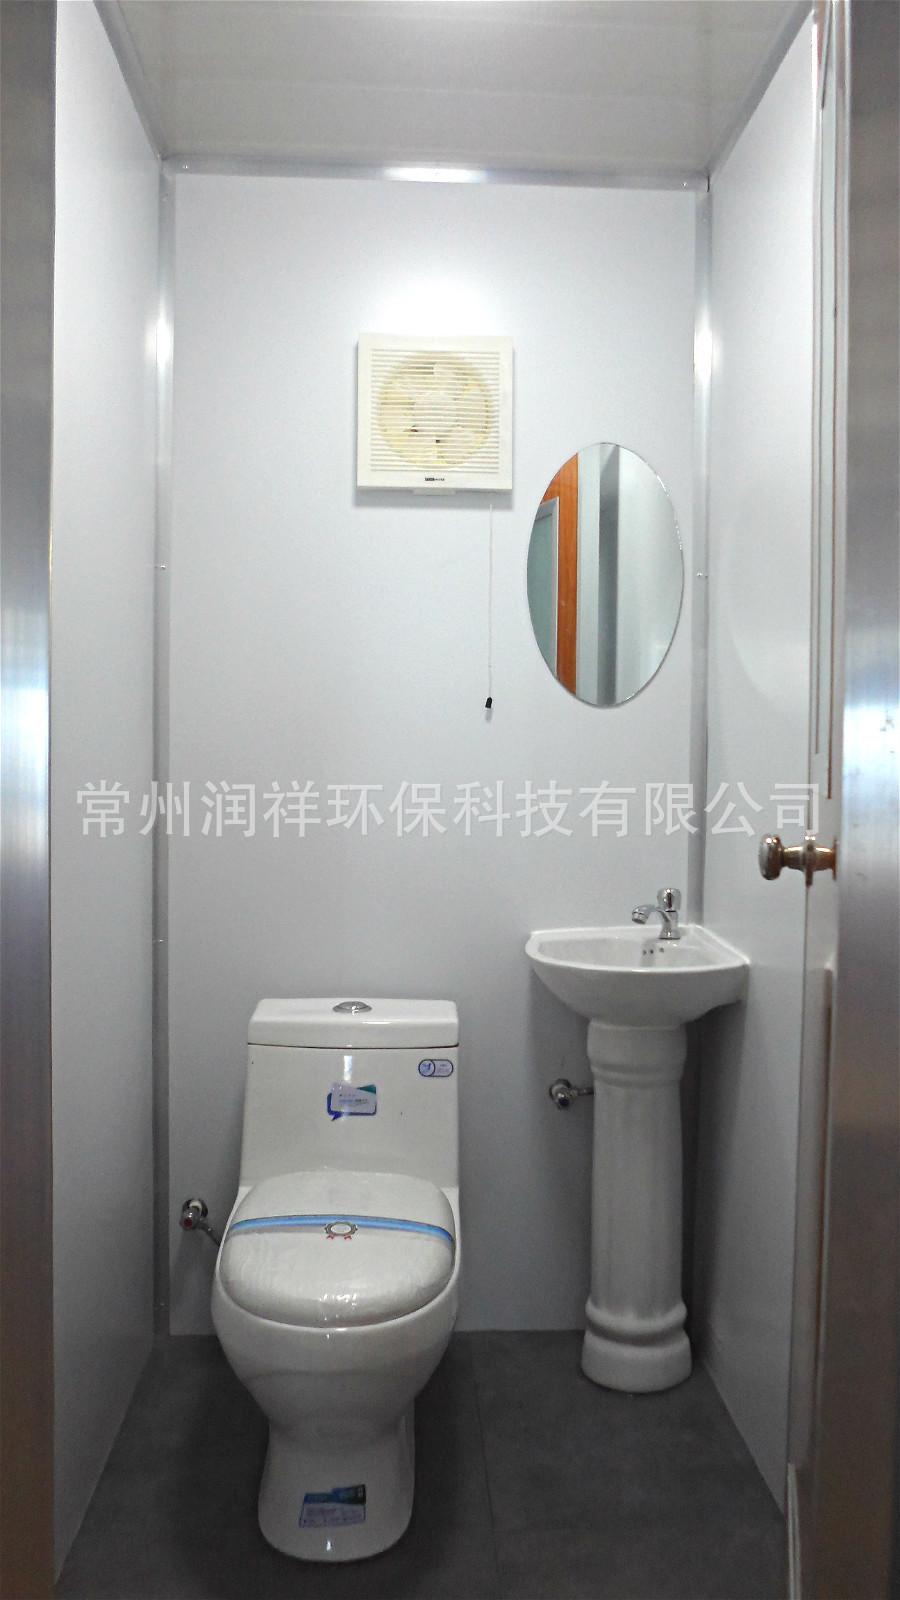 供应移动公厕 景区环保厕所 金雕板水冲移动厕所移动厕所厂家